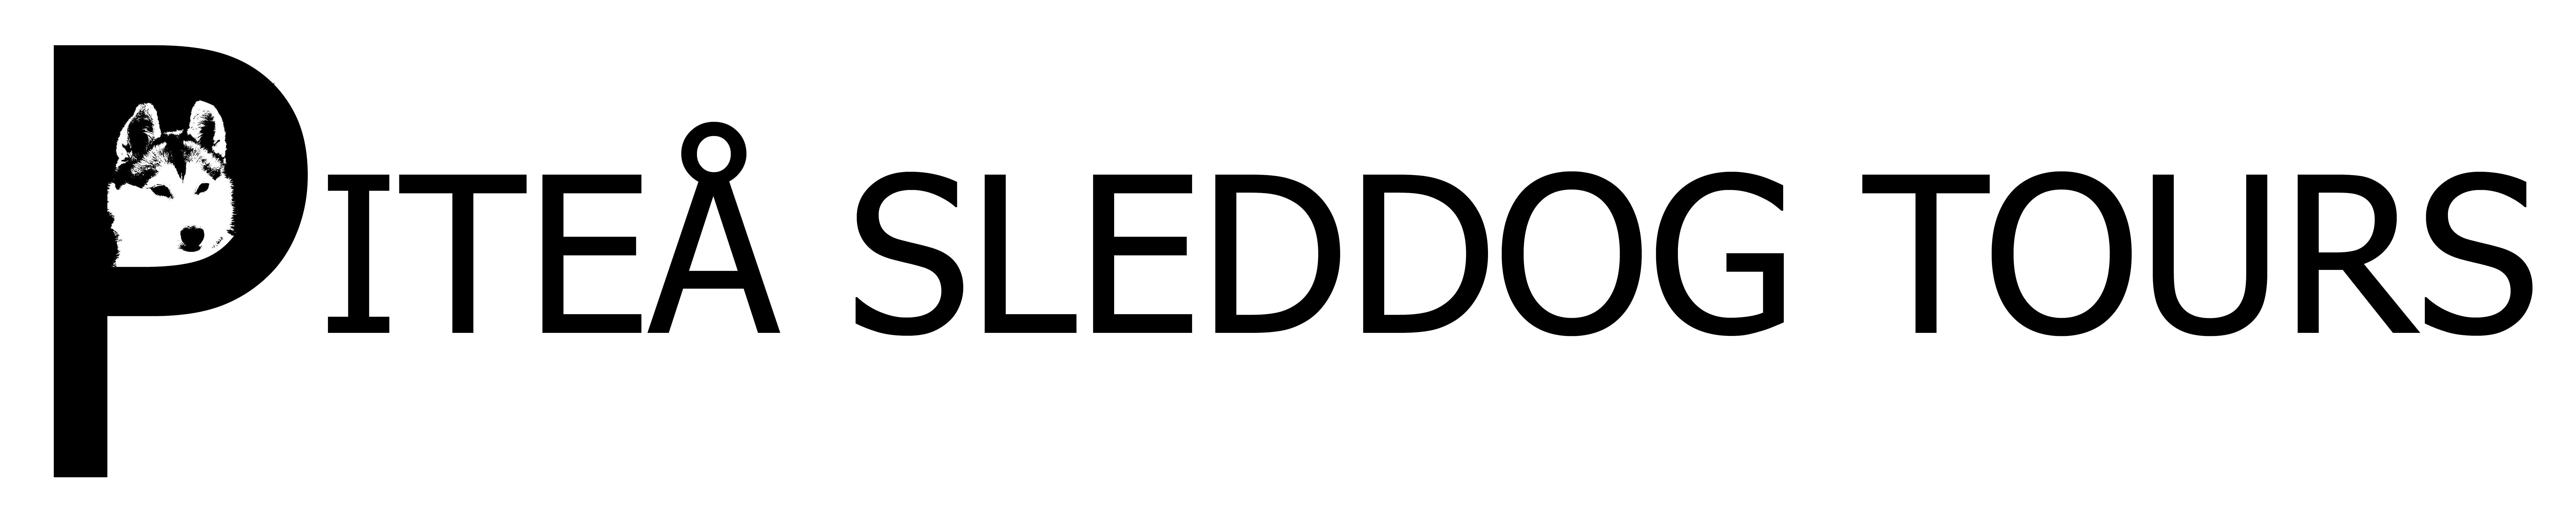 Pitea Sleddog Tours Logo